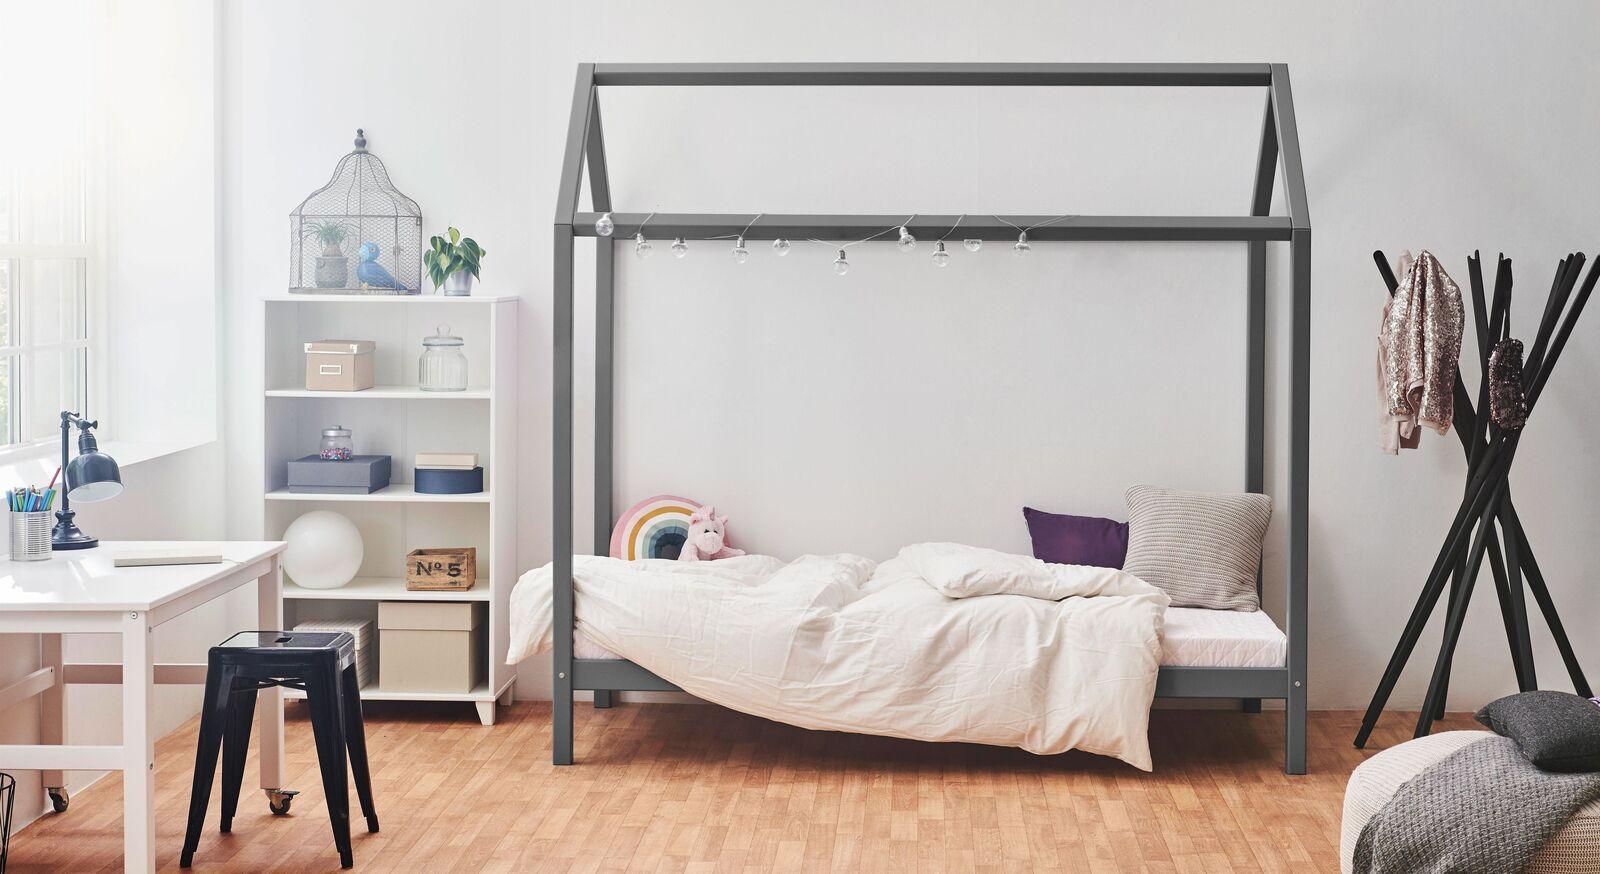 Hausbett Kids Heaven Girl und Boy in Grau fürs Kinderzimmer